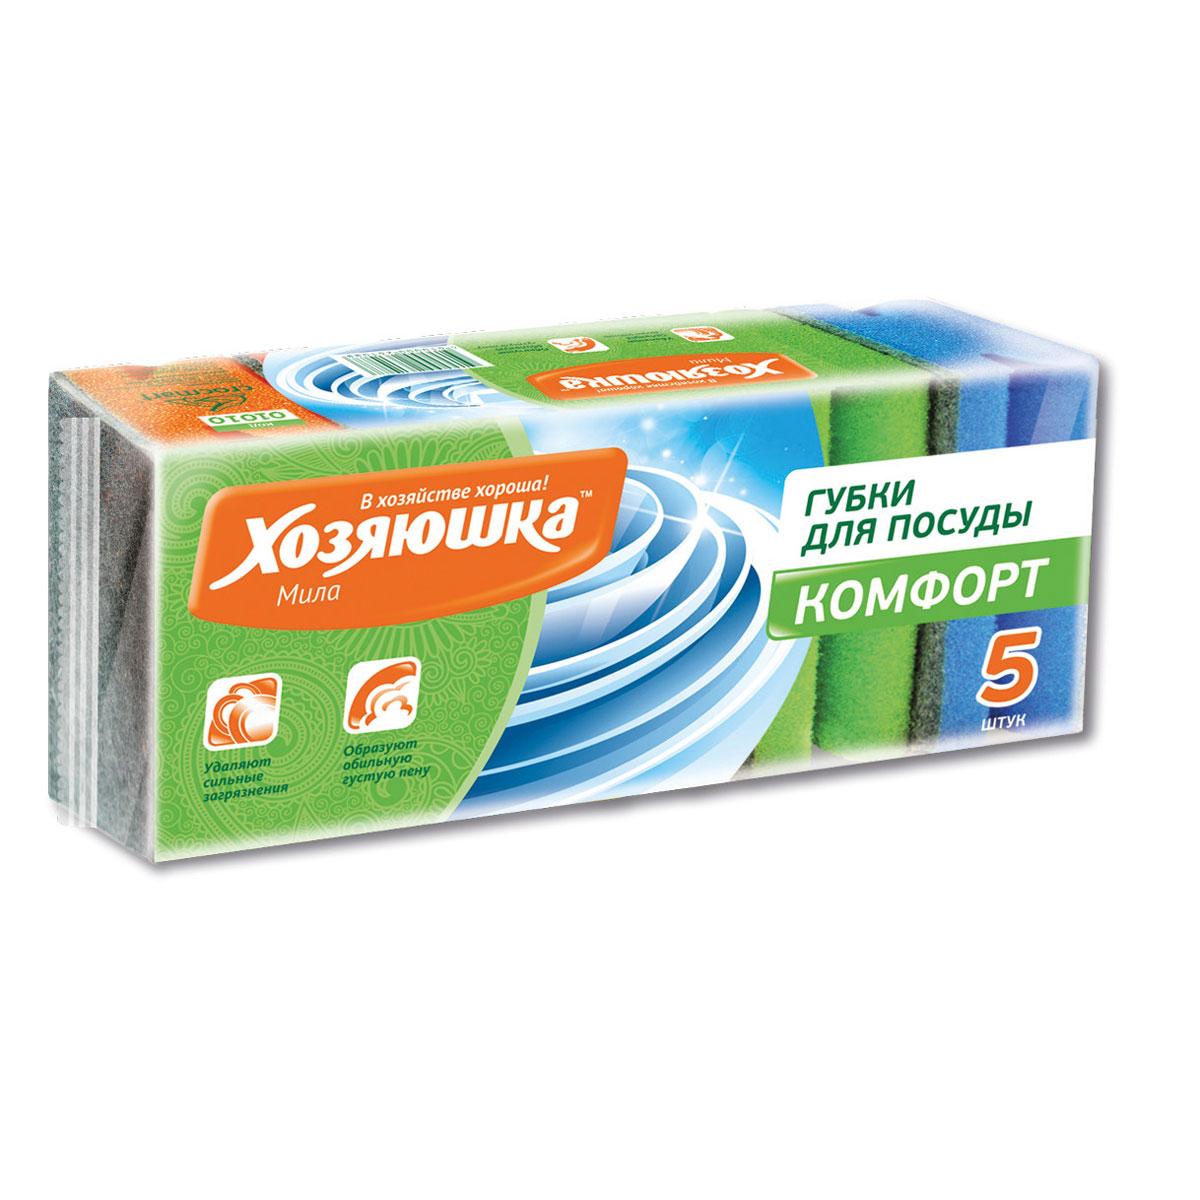 Набор губок Хозяюшка Мила Комфорт для мытья посуды, 5 шт01010Набор Хозяюшка Мила Комфорт состоит из 5 цветных поролоновых губок. Губки оформлены абразивным чистящим слоем. Глубокая фаска предназначена для защиты ногтей от моющих средств и механических повреждений. Комплектация: 5 шт. Размер губки: 9,5 см х 6,5 см х 4 см.